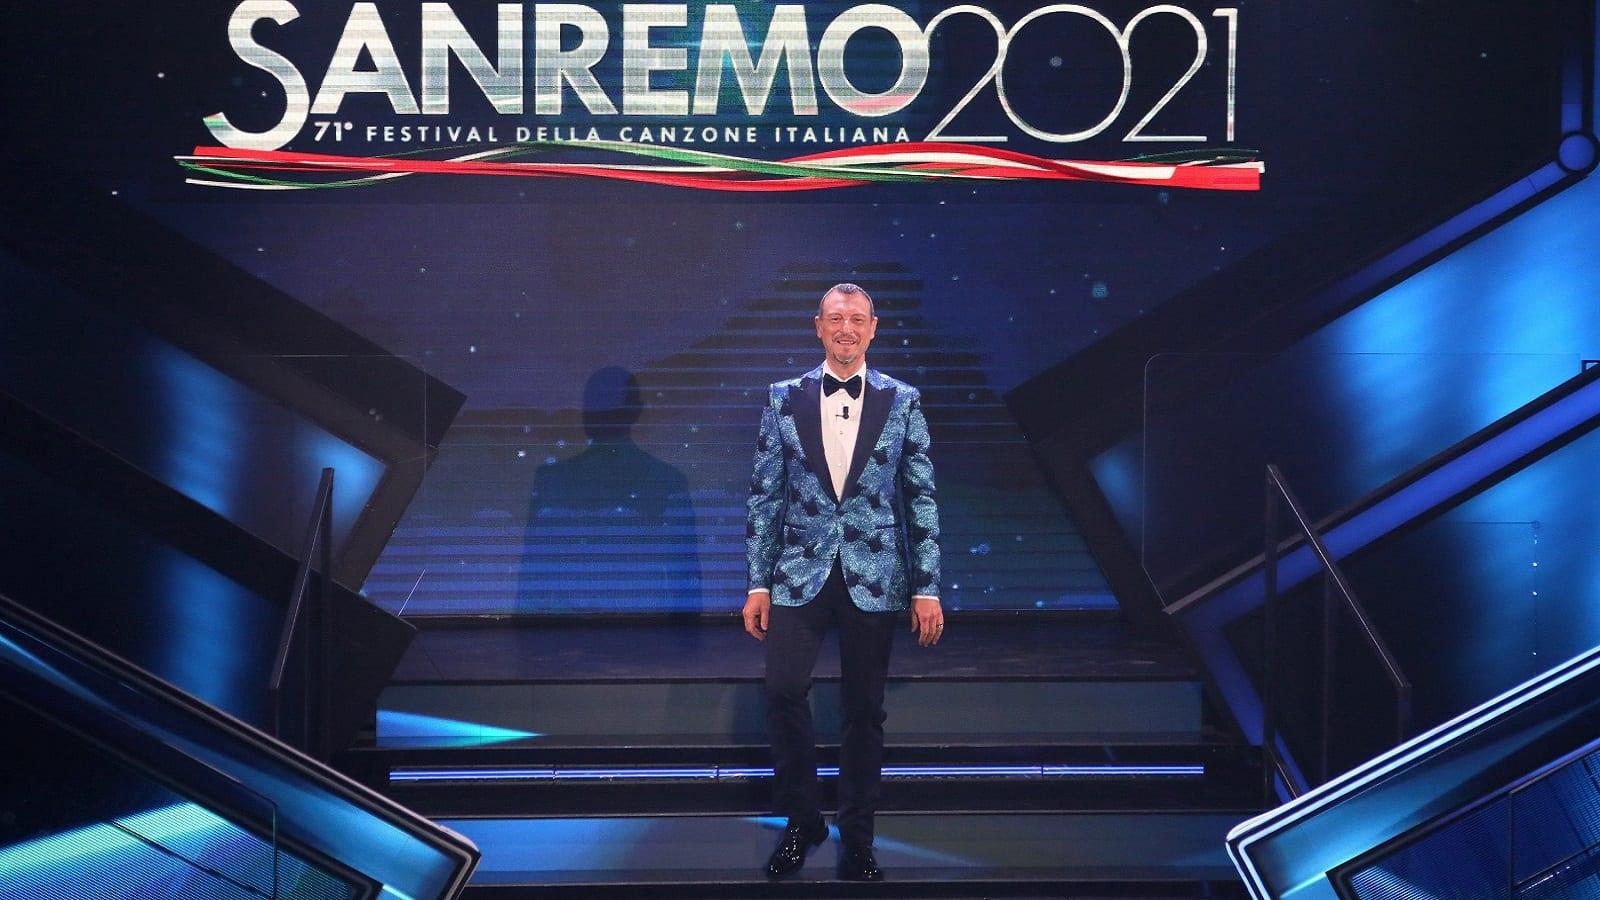 AscoltiTV 6 marzo 2021 · La storica vittoria dei Maneskin a Sanremo 2021, Non si ruba a casa dei ladri, 12 Soldiers, Amici, Verissimo, ItaliaSi!